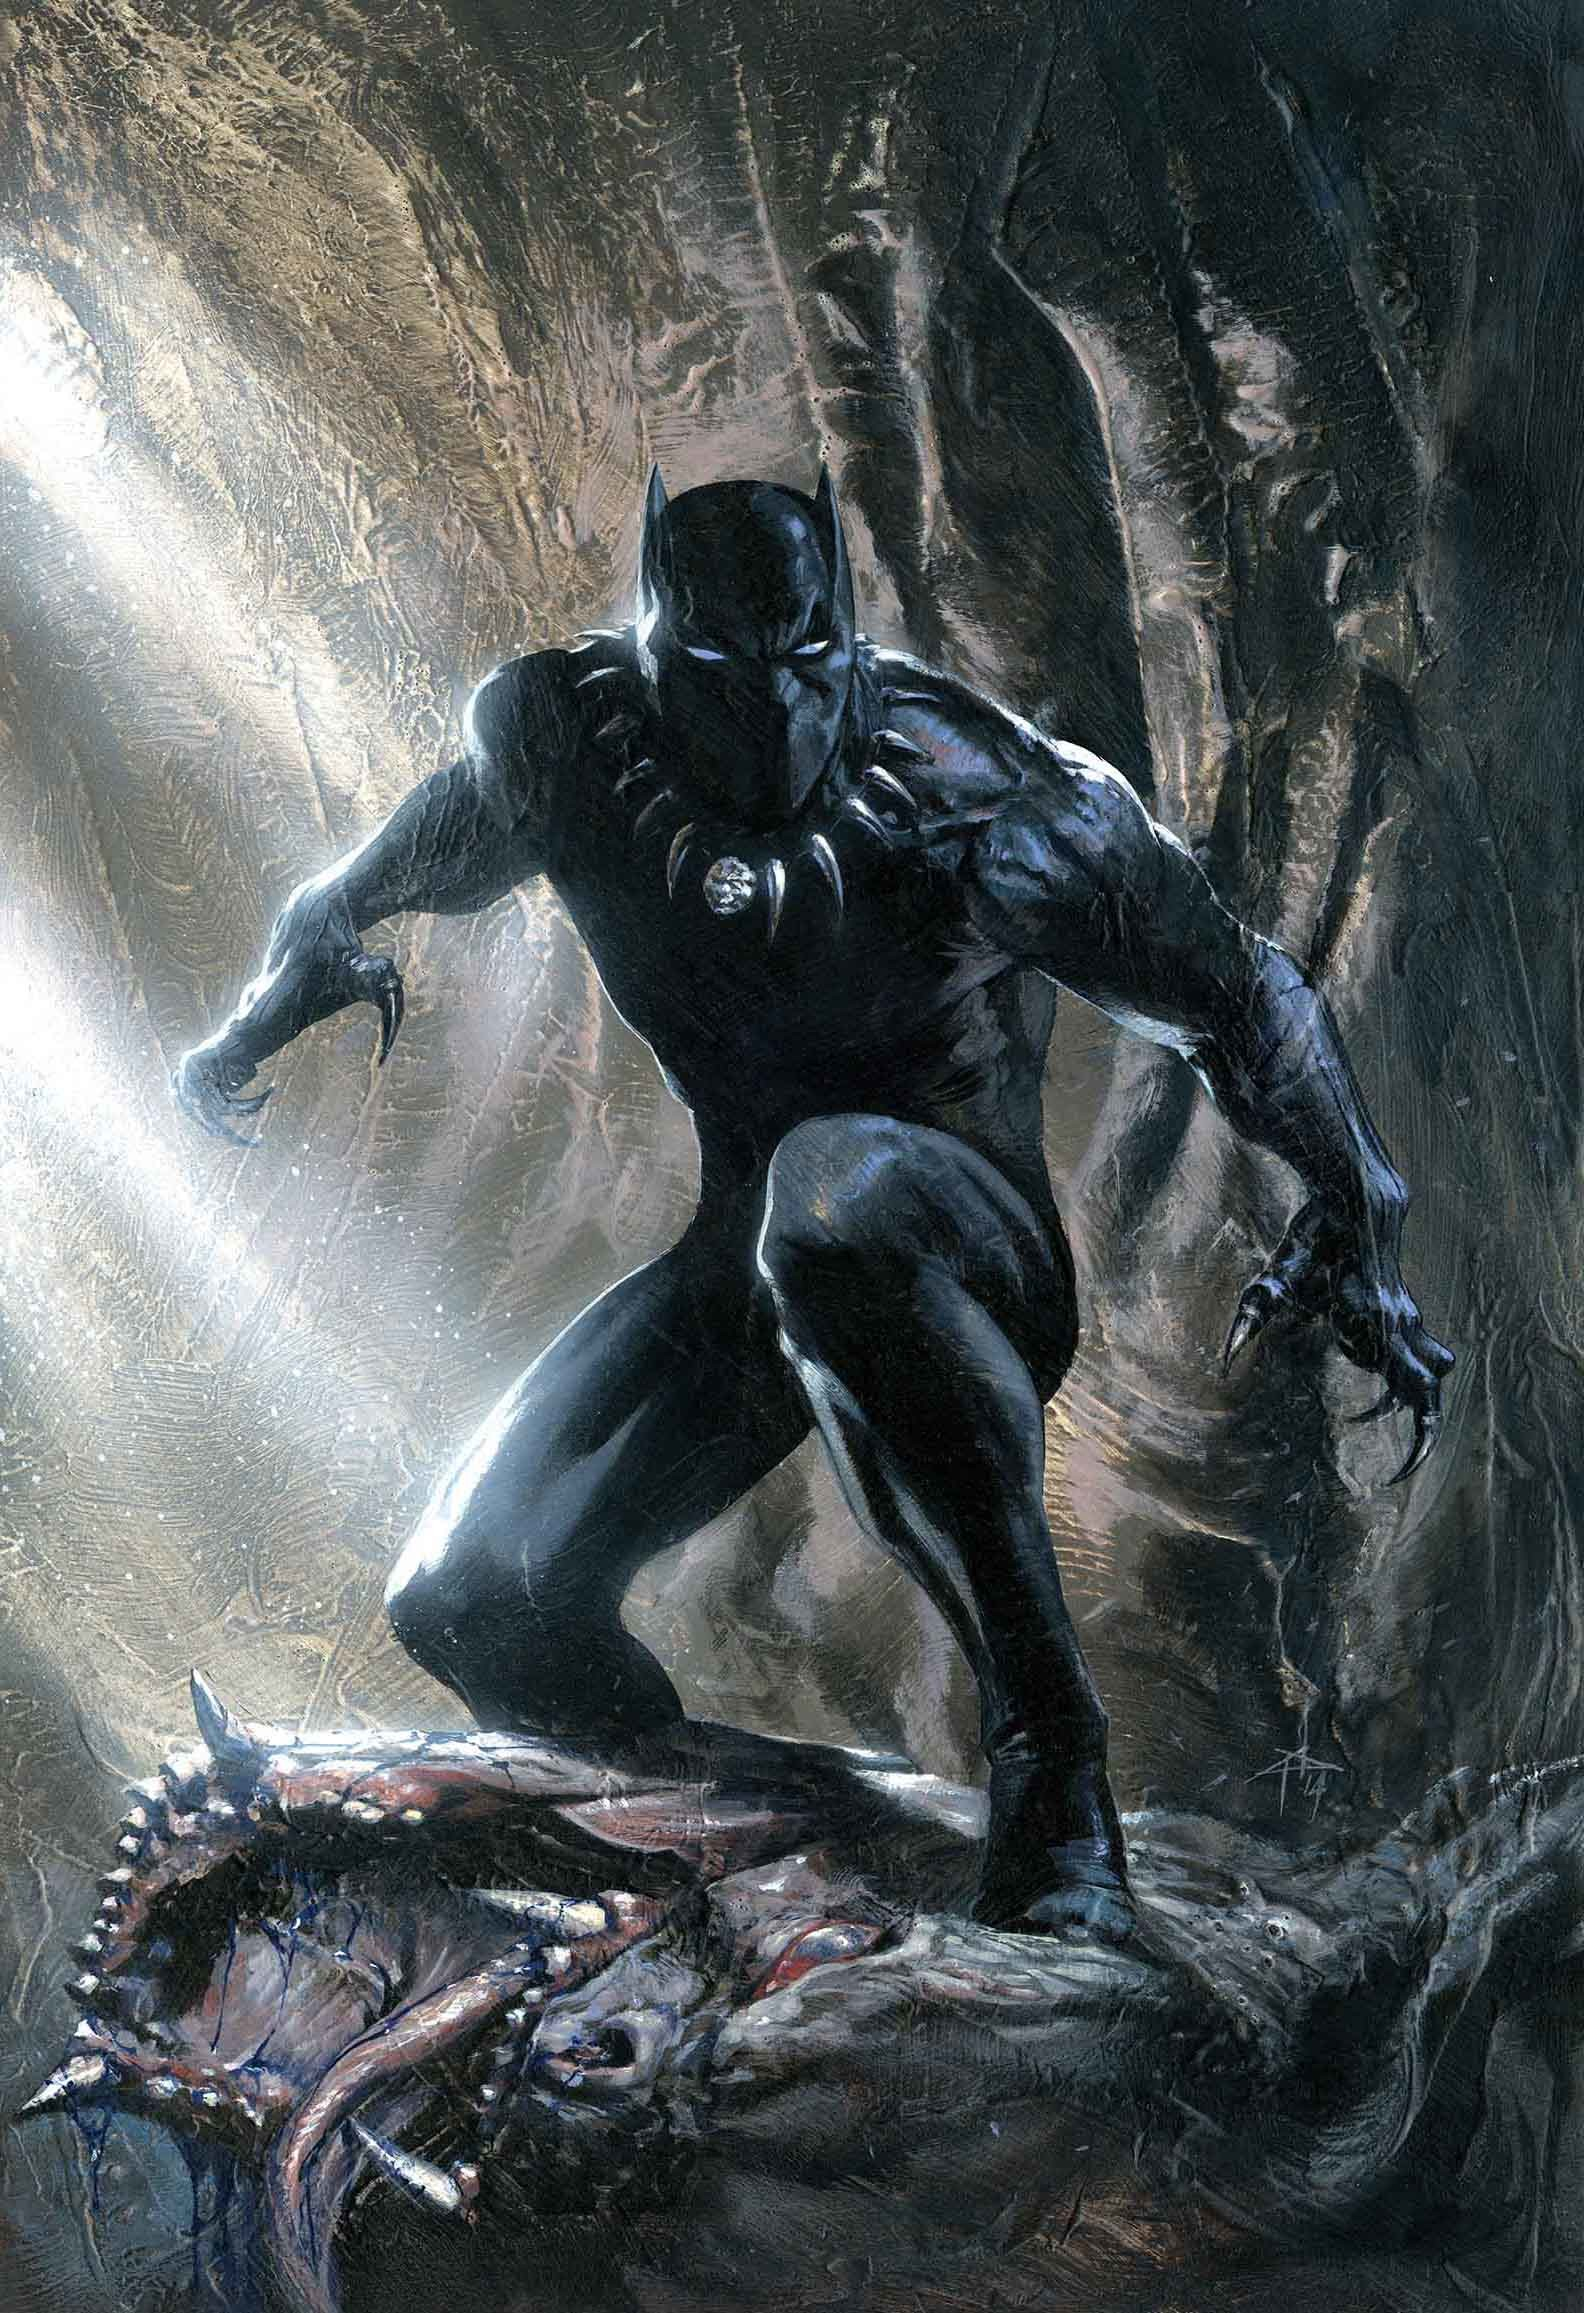 Black Panther (KOD) and Iron Fist: